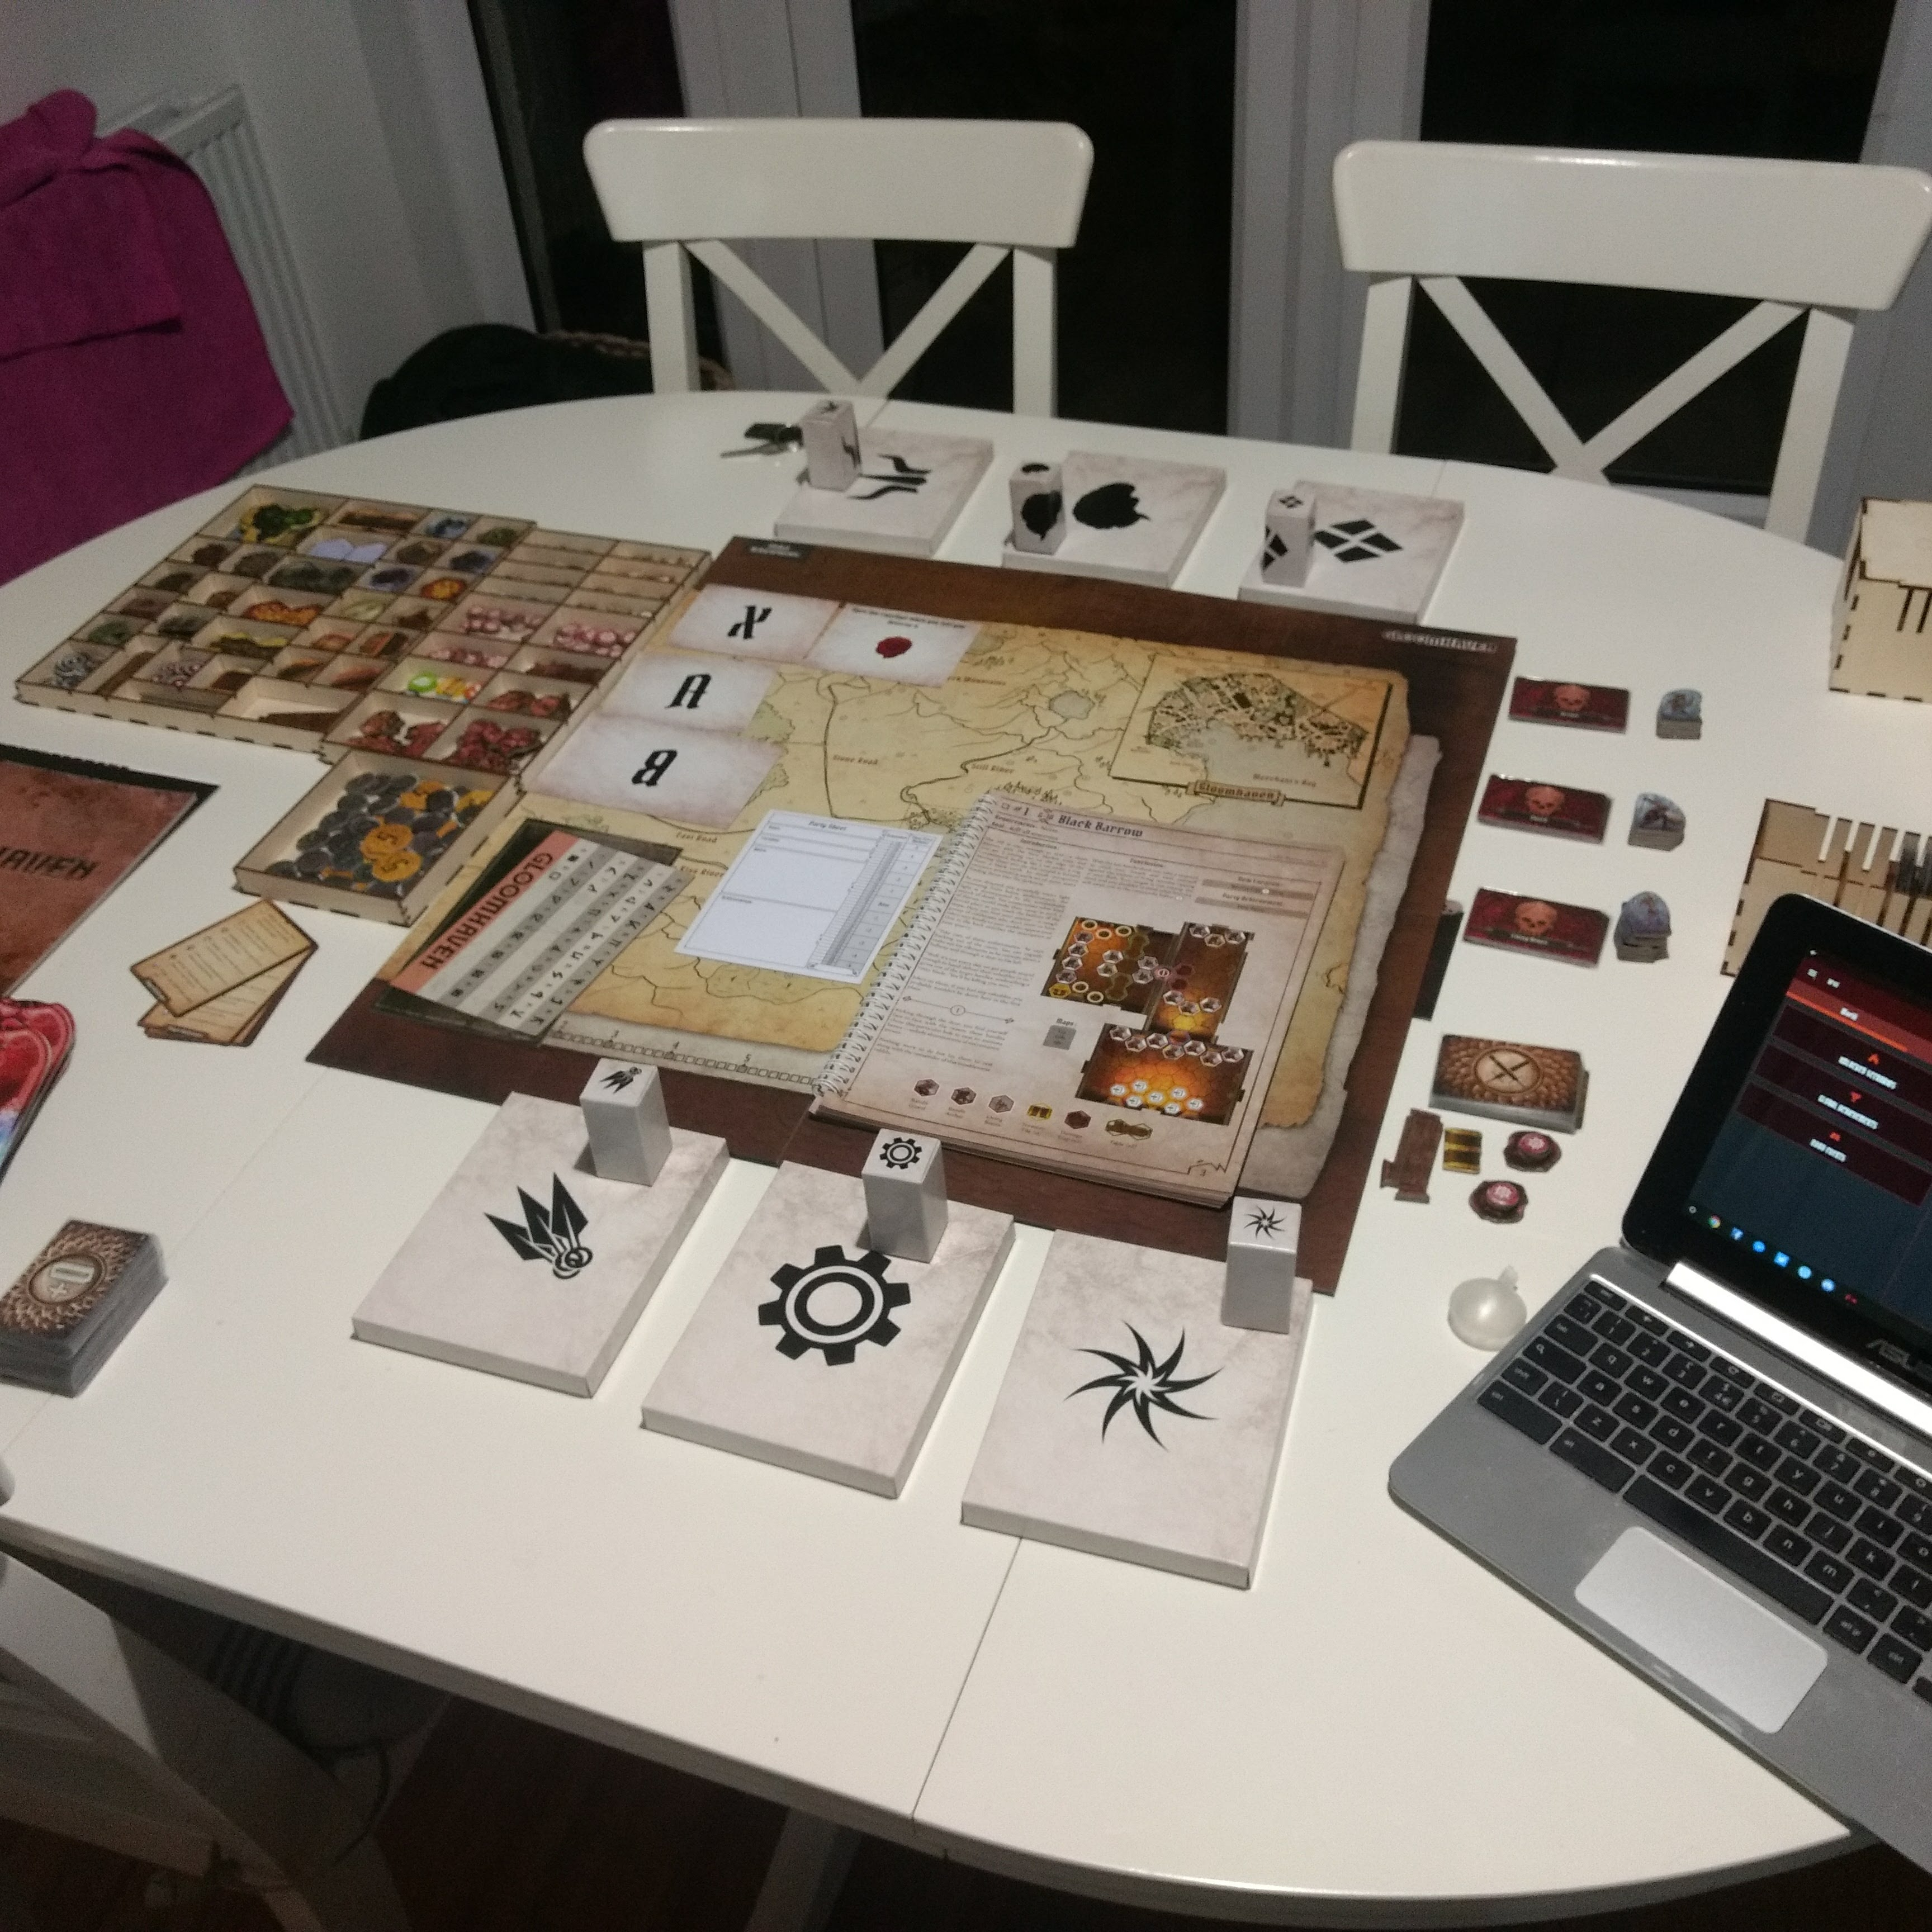 My table setup to play Gloomhaven.